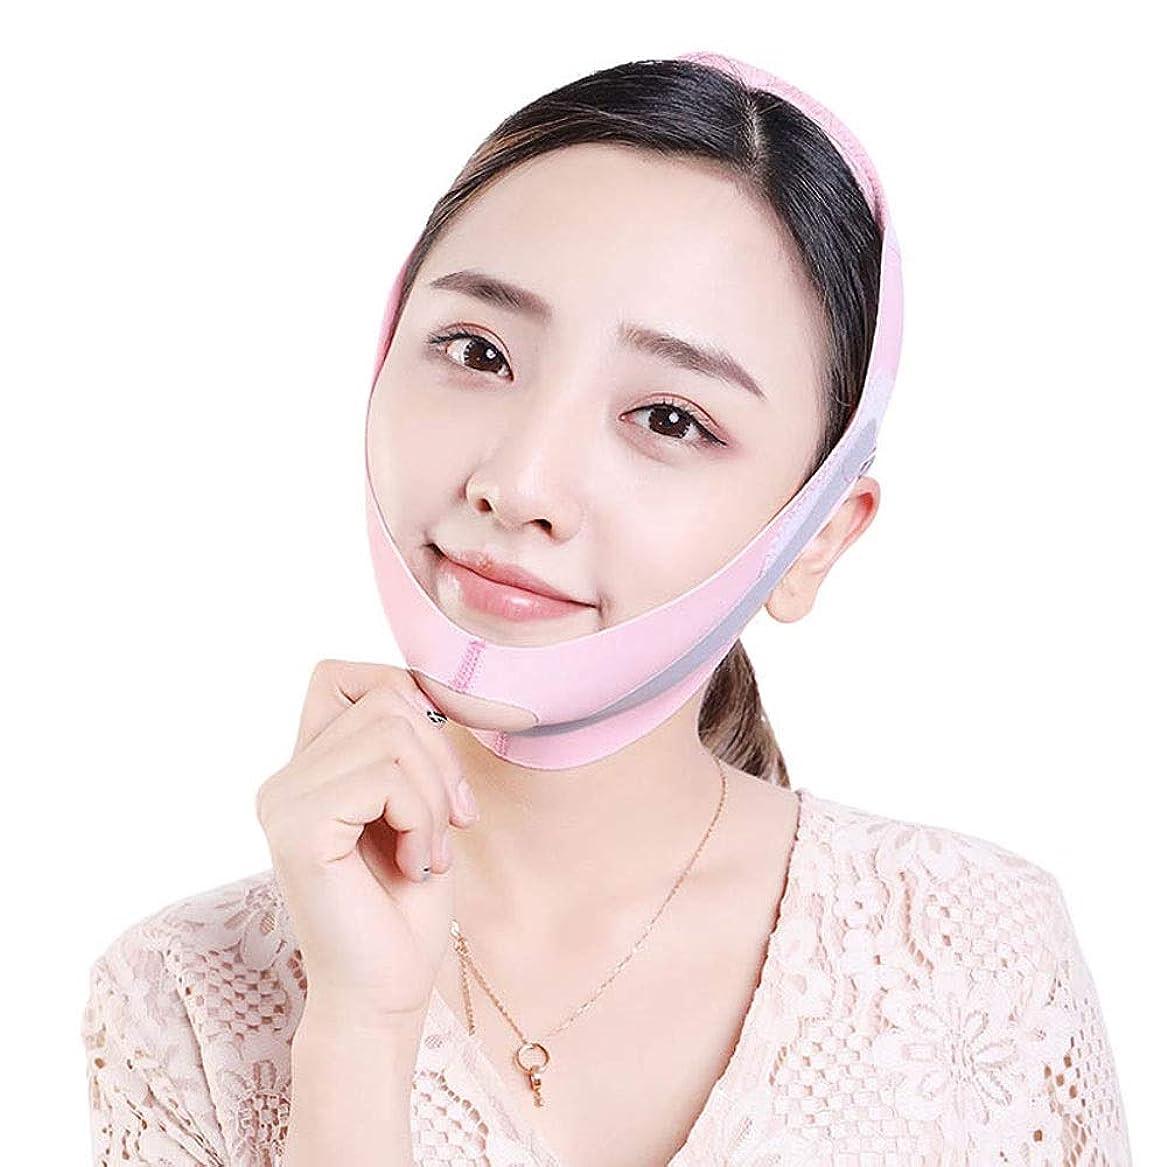 指罹患率資料Jia Jia- たるみを防ぐために顔を持ち上げるために筋肉を引き締めるために二重あごのステッカーとラインを削除するために、顔を持ち上げるアーティファクト包帯があります - ピンク 顔面包帯